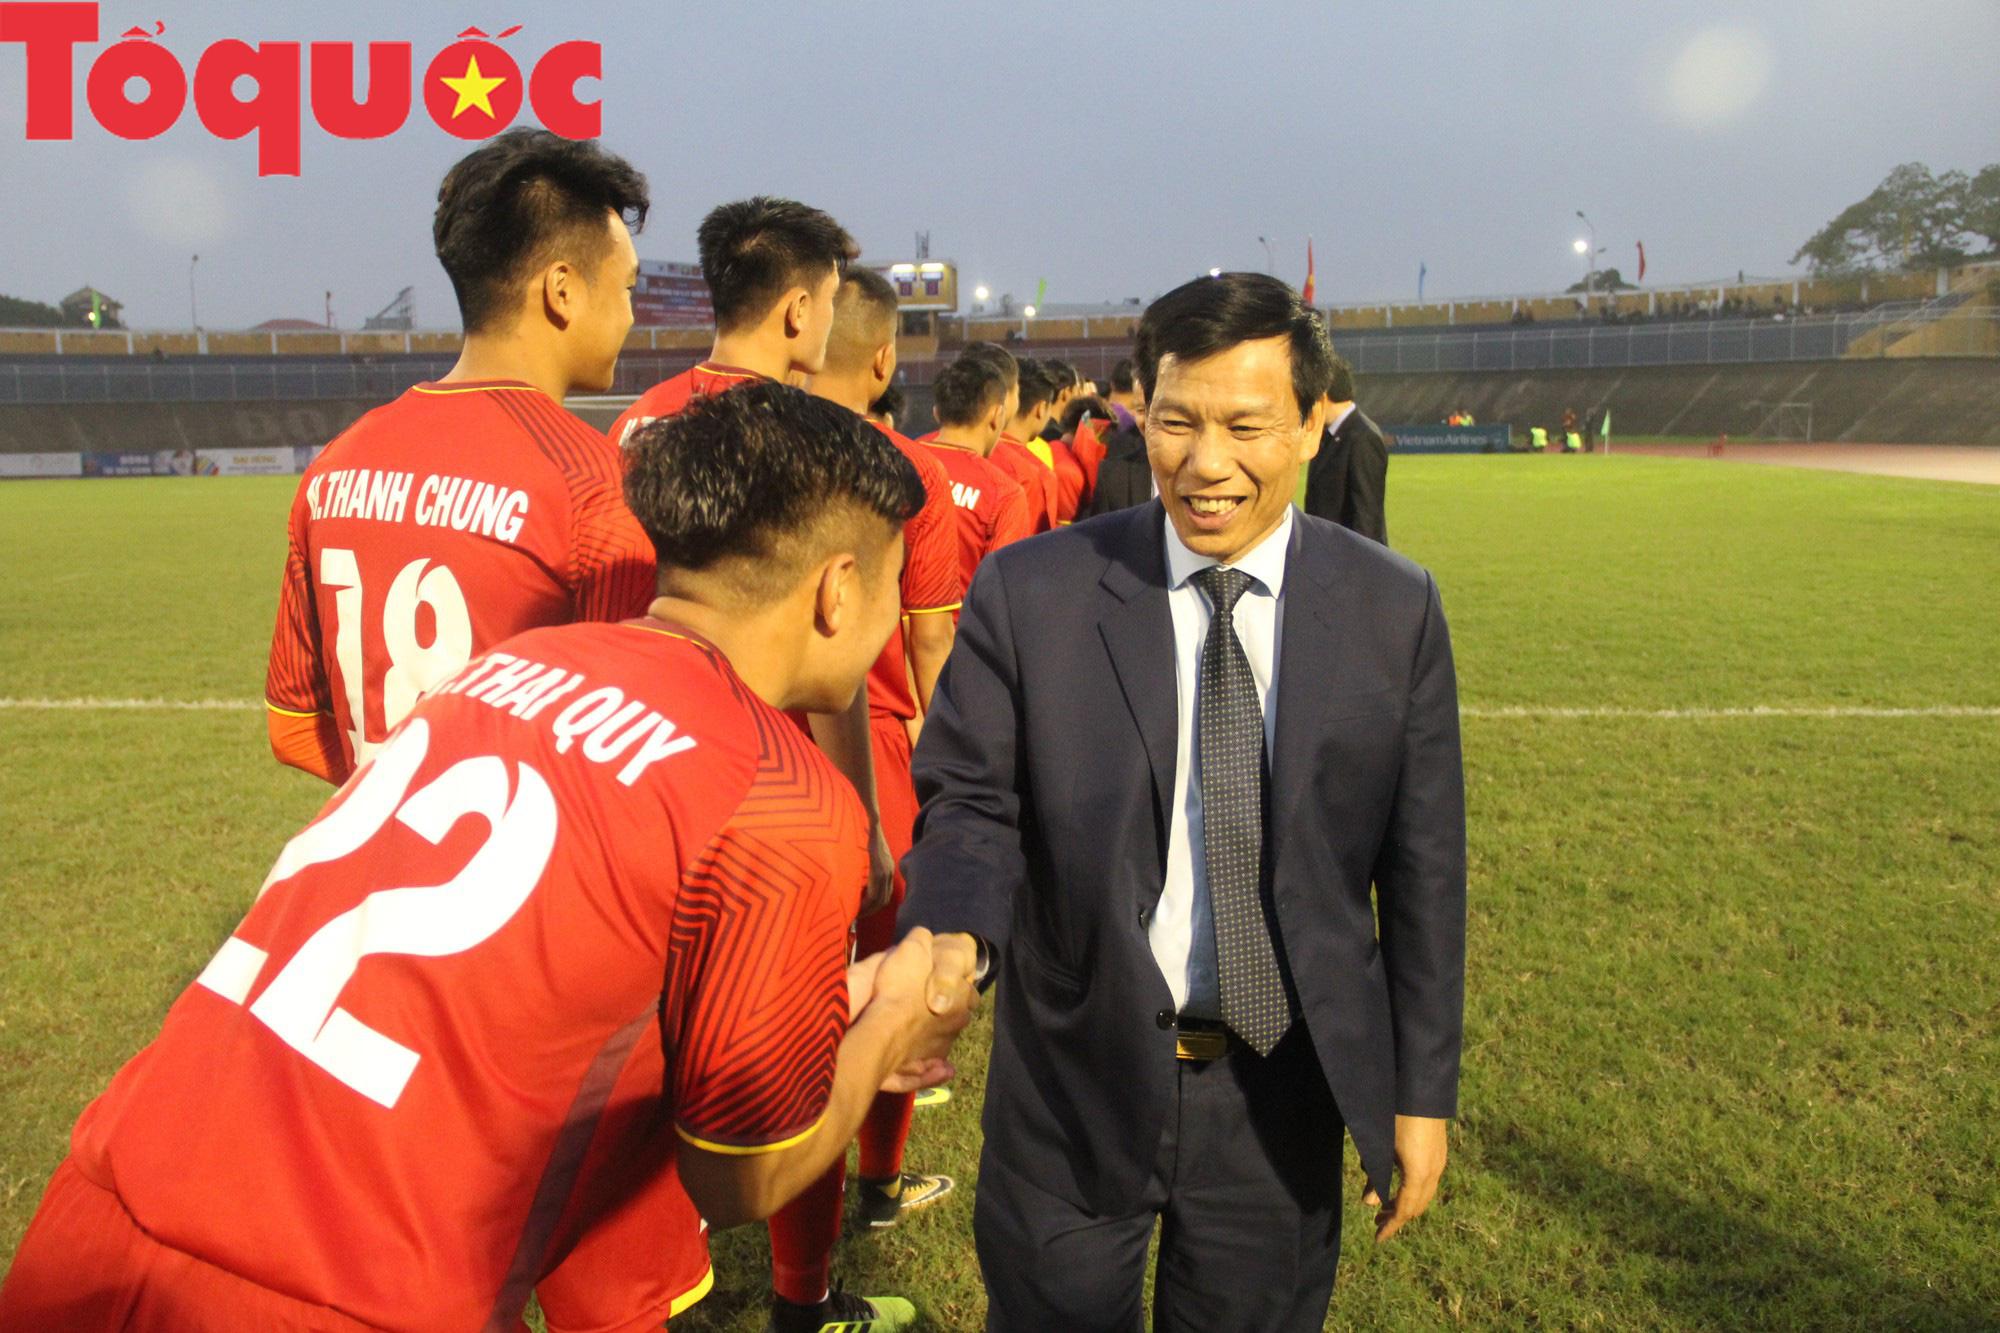 Bộ trưởng Nguyễn Ngọc Thiện dự khán trận chung kết U21 quốc tế - Ảnh 4.